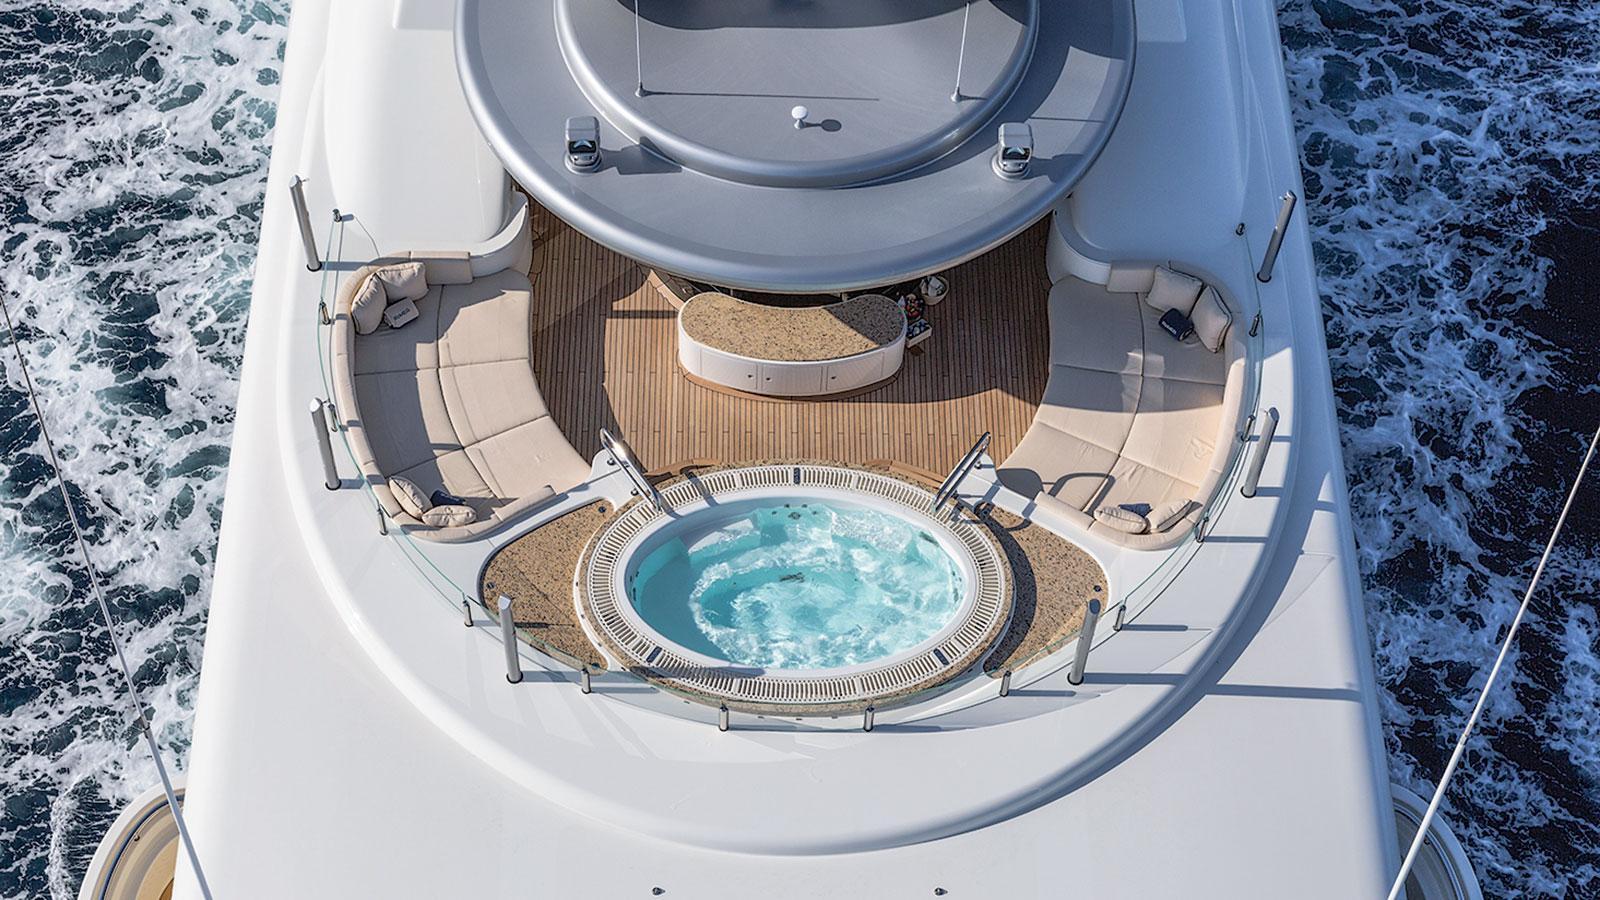 romea-motor-yacht-abeking-rasmussen-2015-82m-jacuzzi